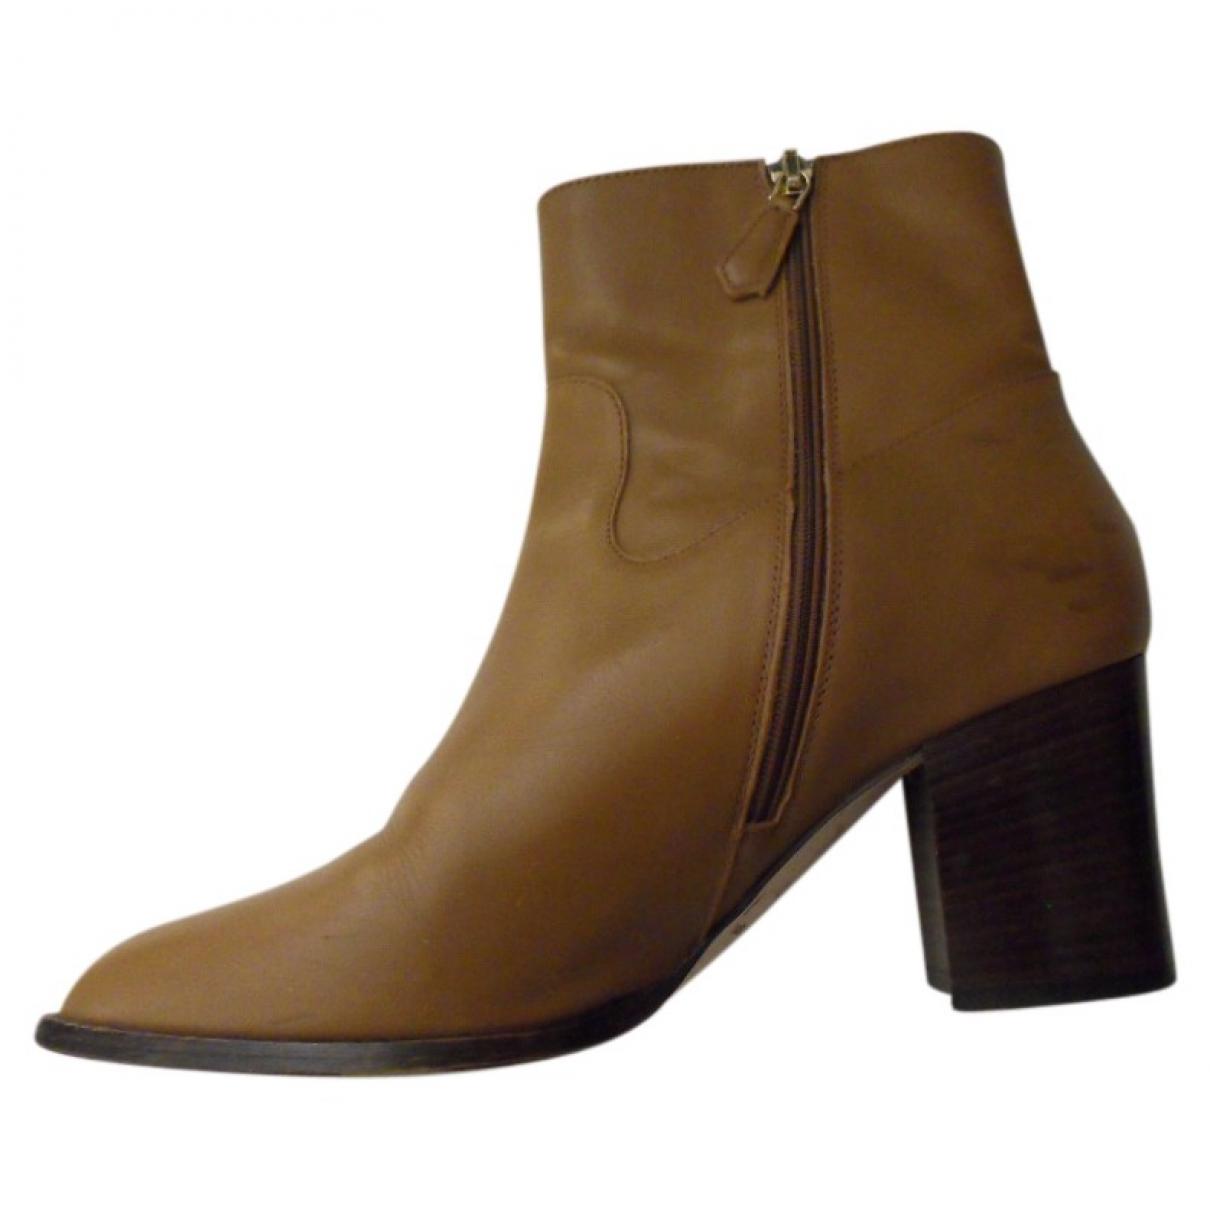 Lk Bennett \N Beige Leather Ankle boots for Women 39 EU